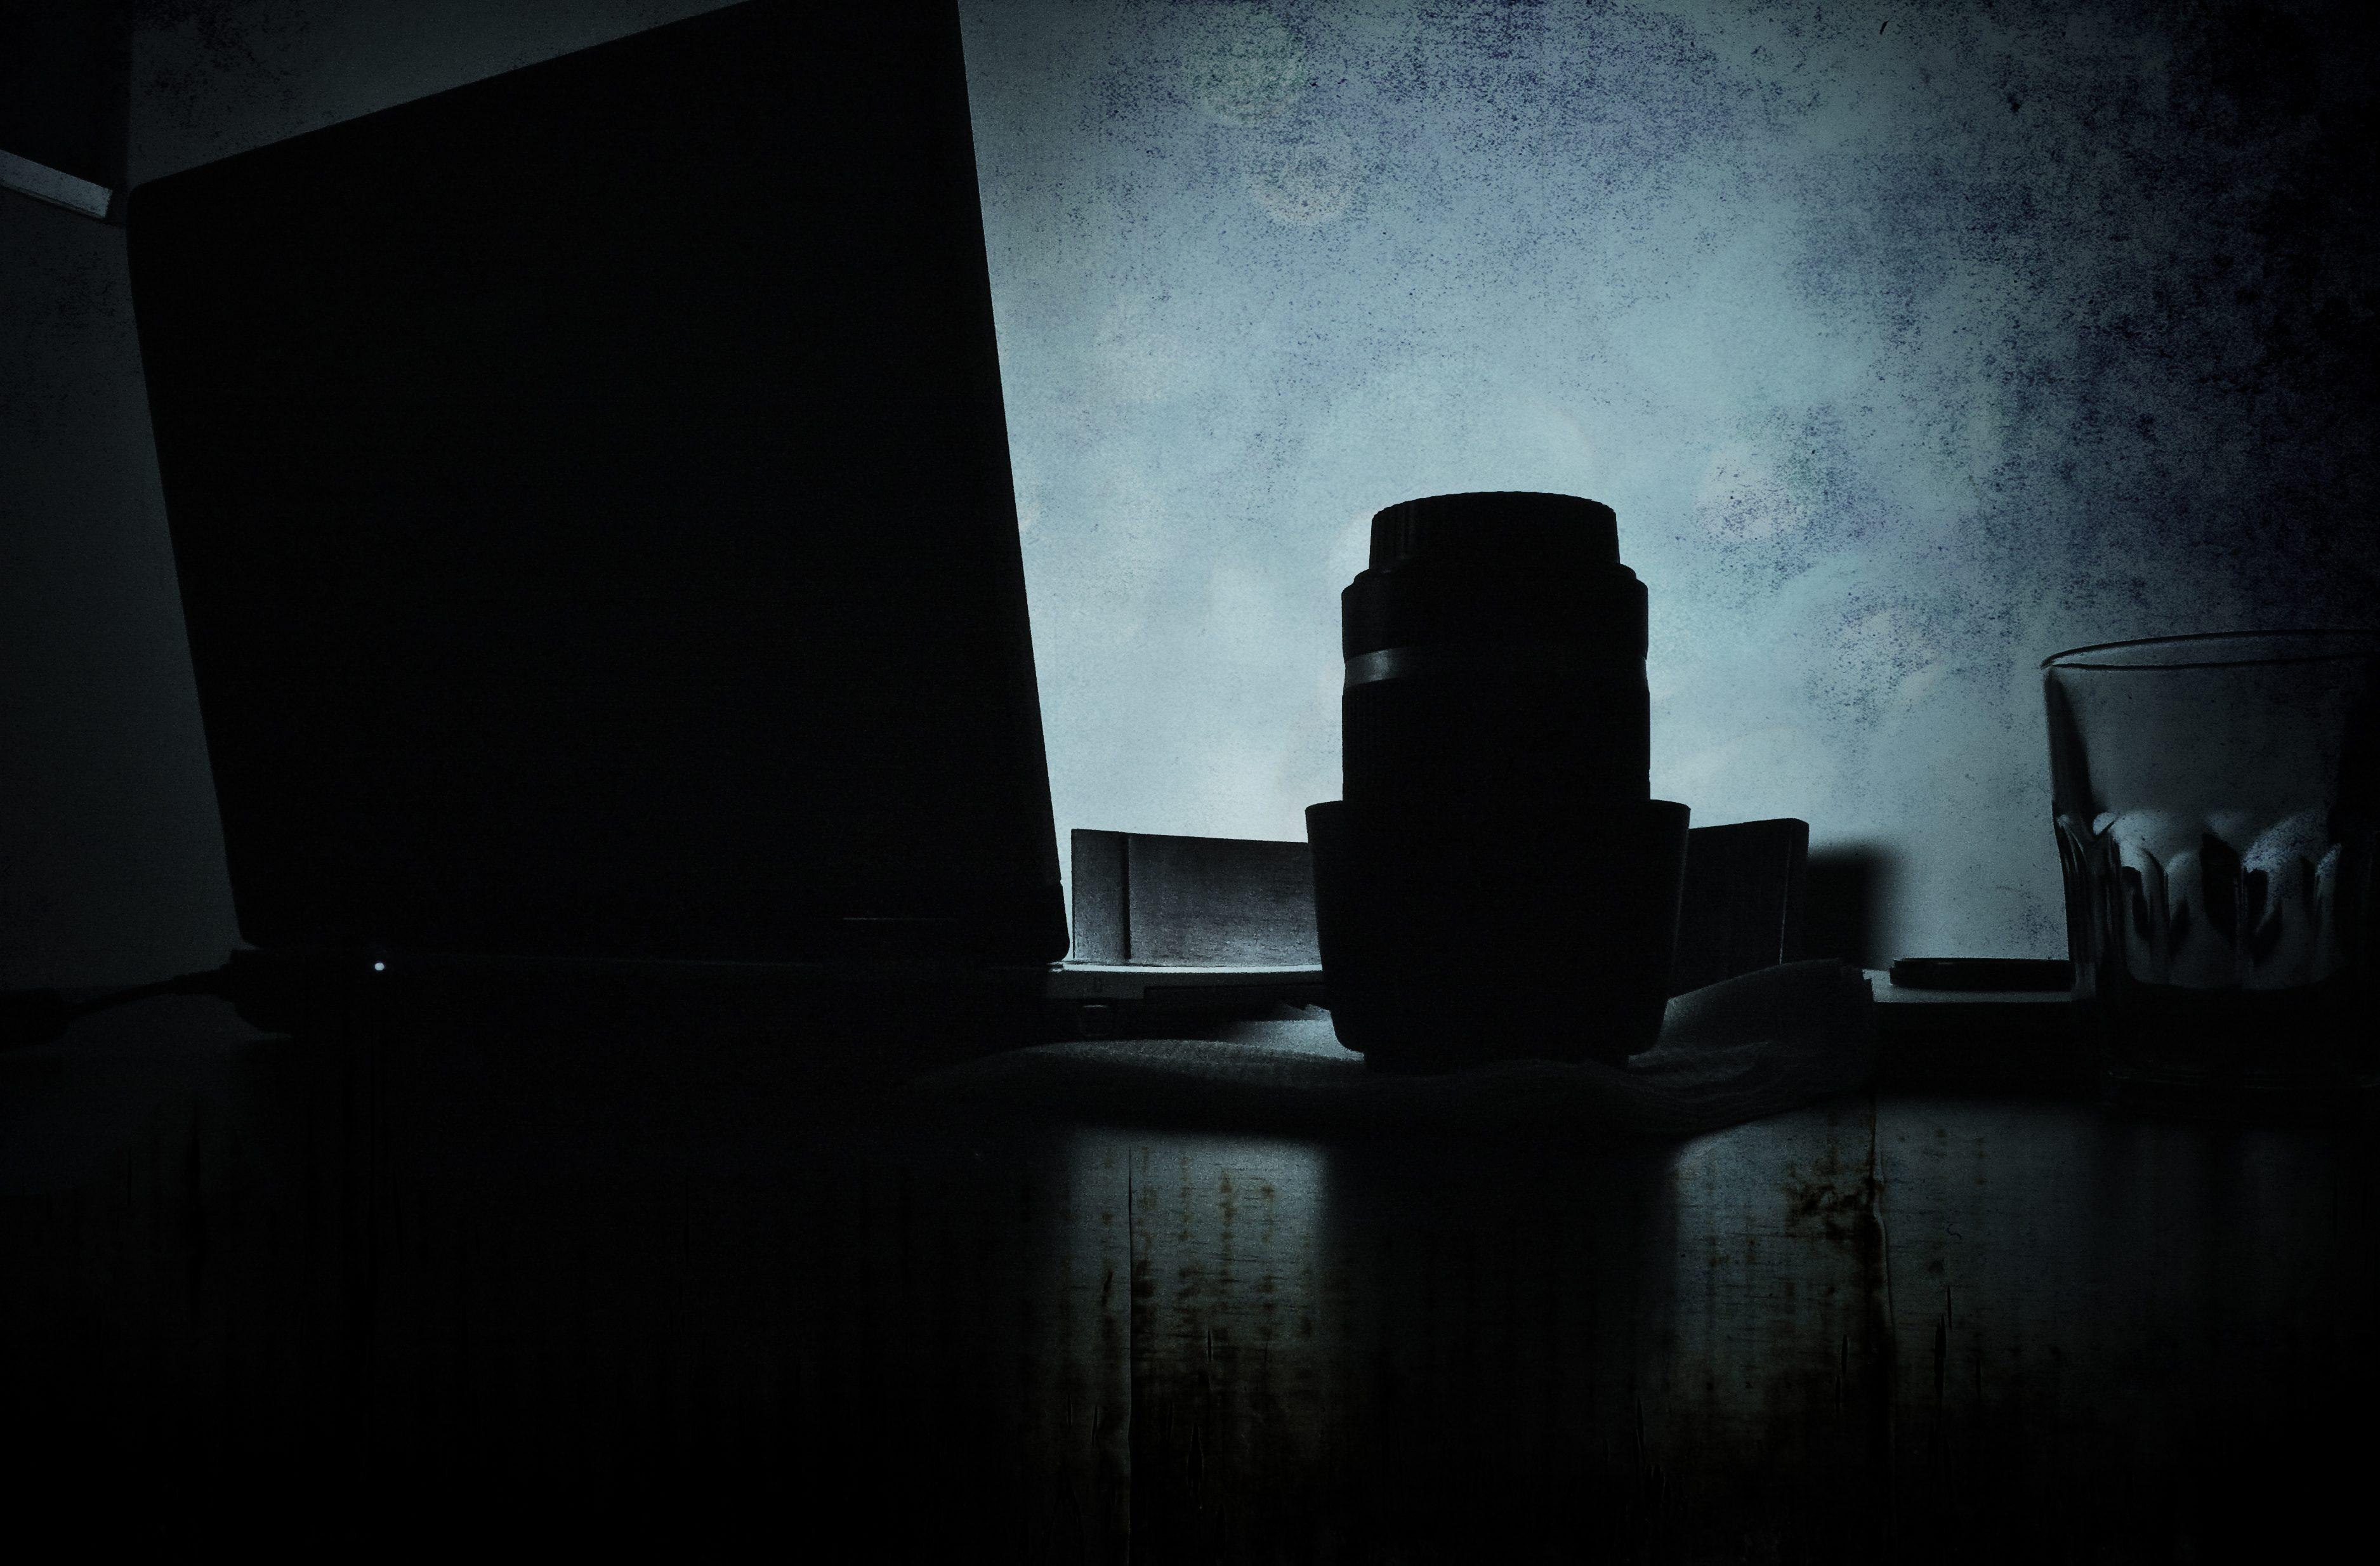 Plano general, color. Contraluz de un portátil y un objetivo sobre una mesa con fondo azul.